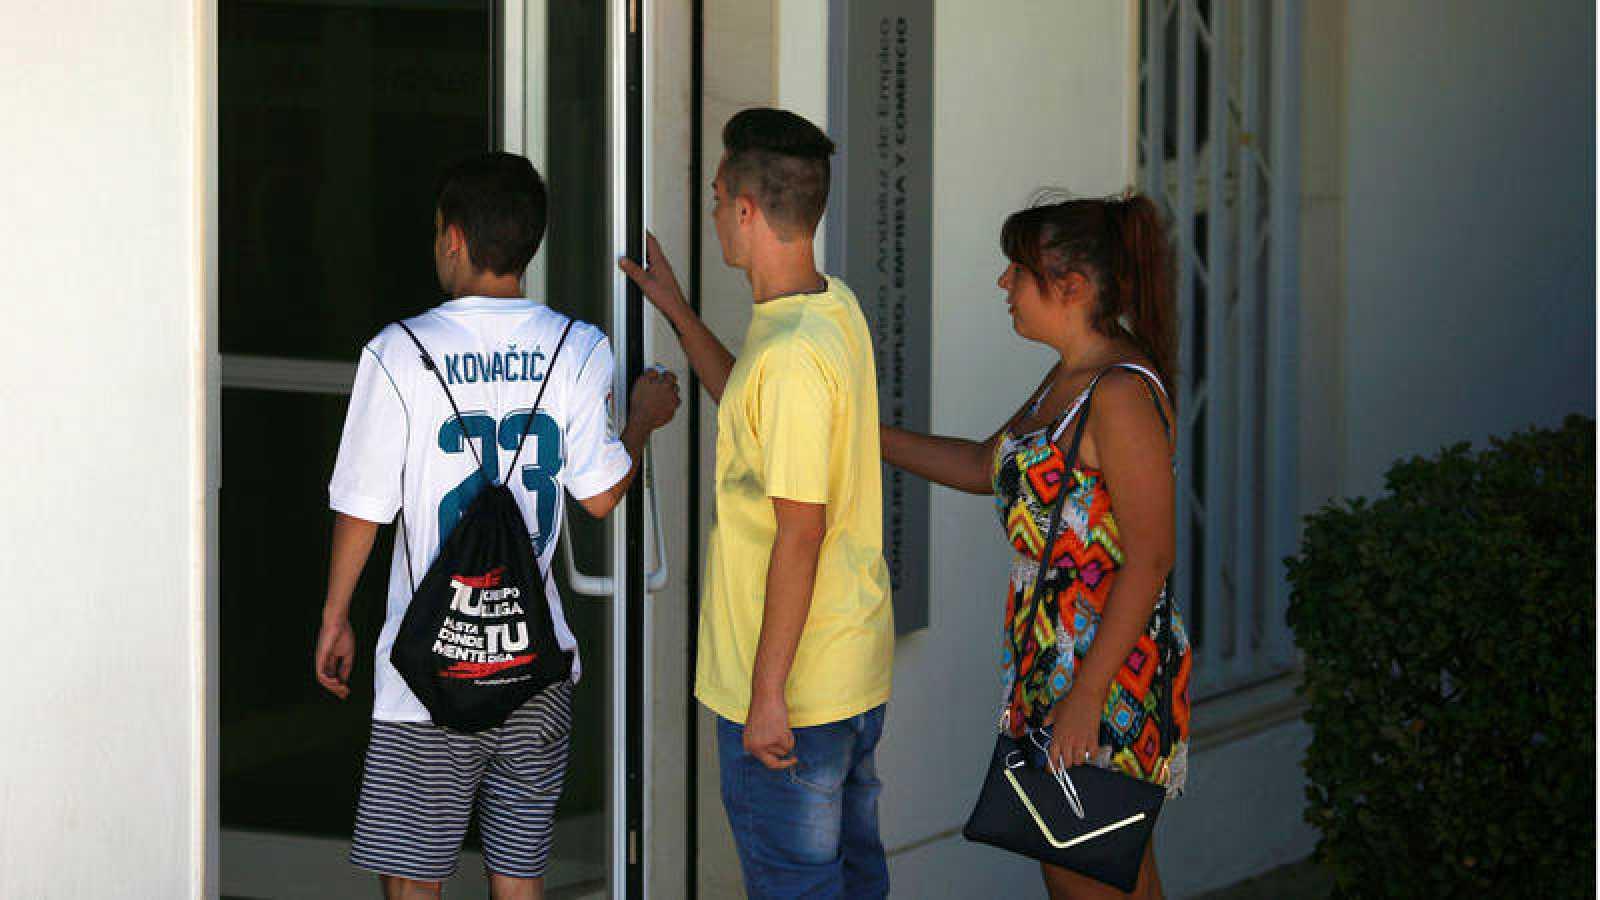 Tres jóvenes se disponen a entrar en una oficina de empleo en Ronda